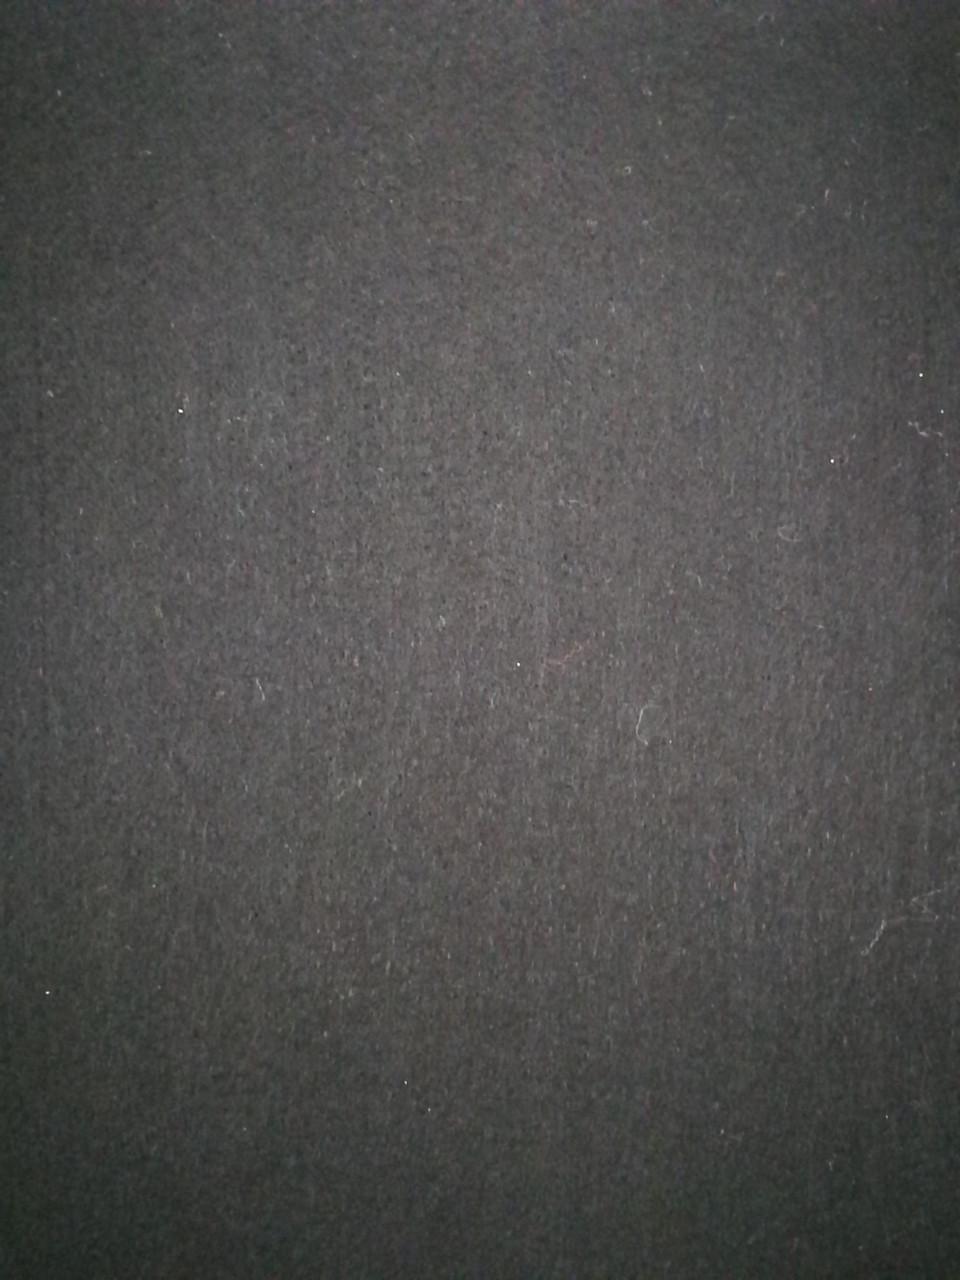 Фетр цвет серый 25смХ25см однотонный, цвет жемчужно серый